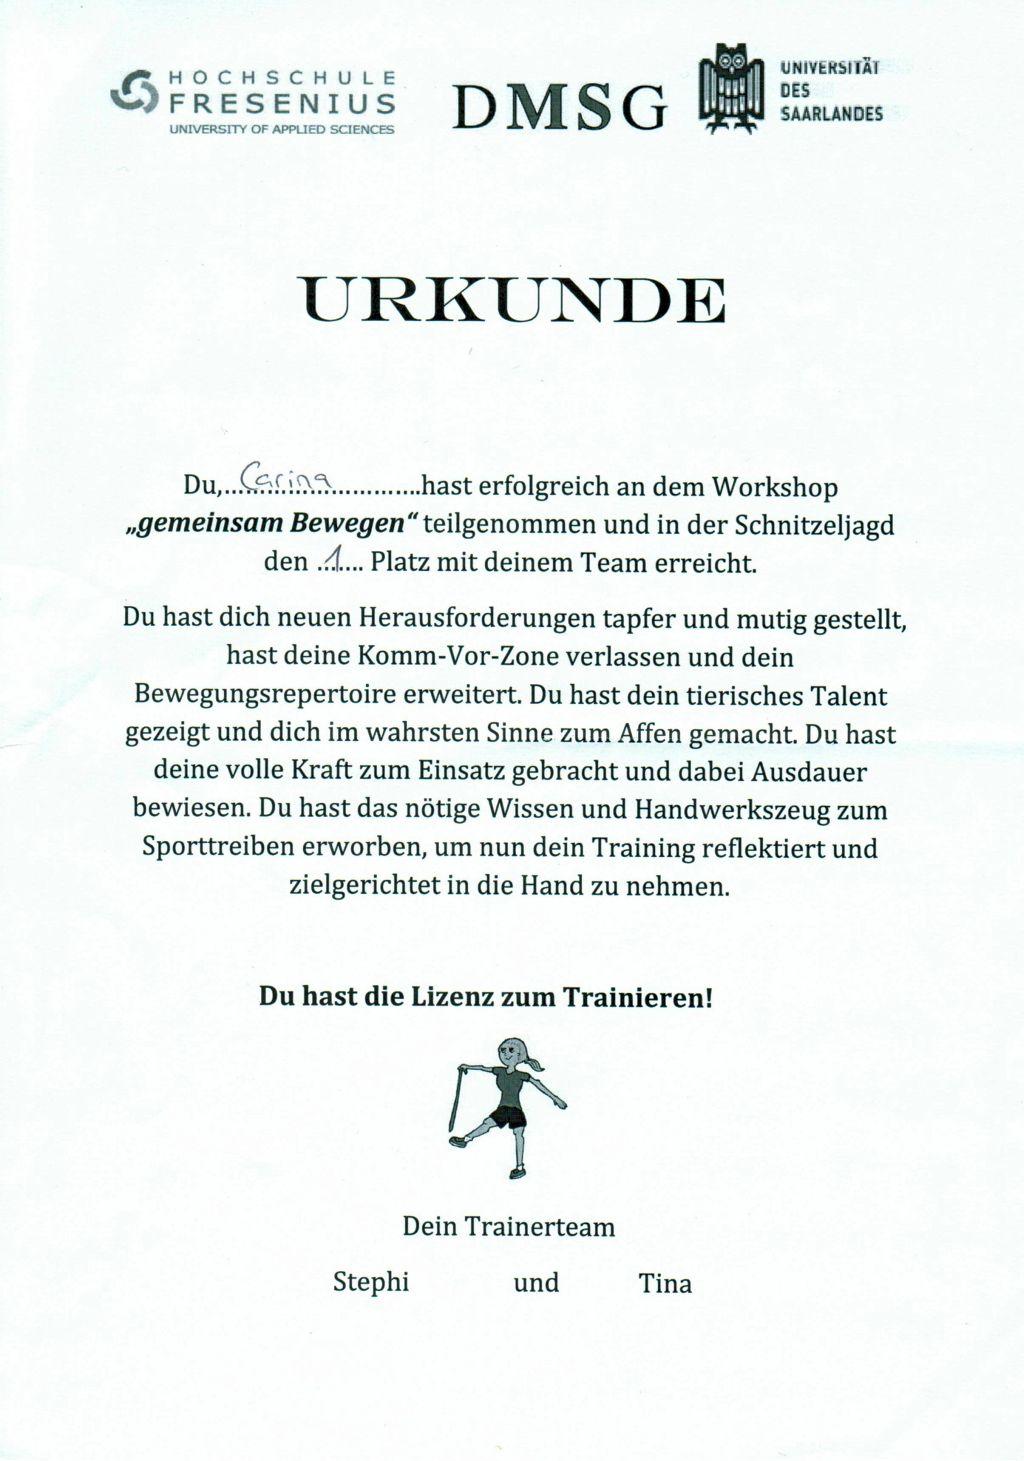 X_Urkunde